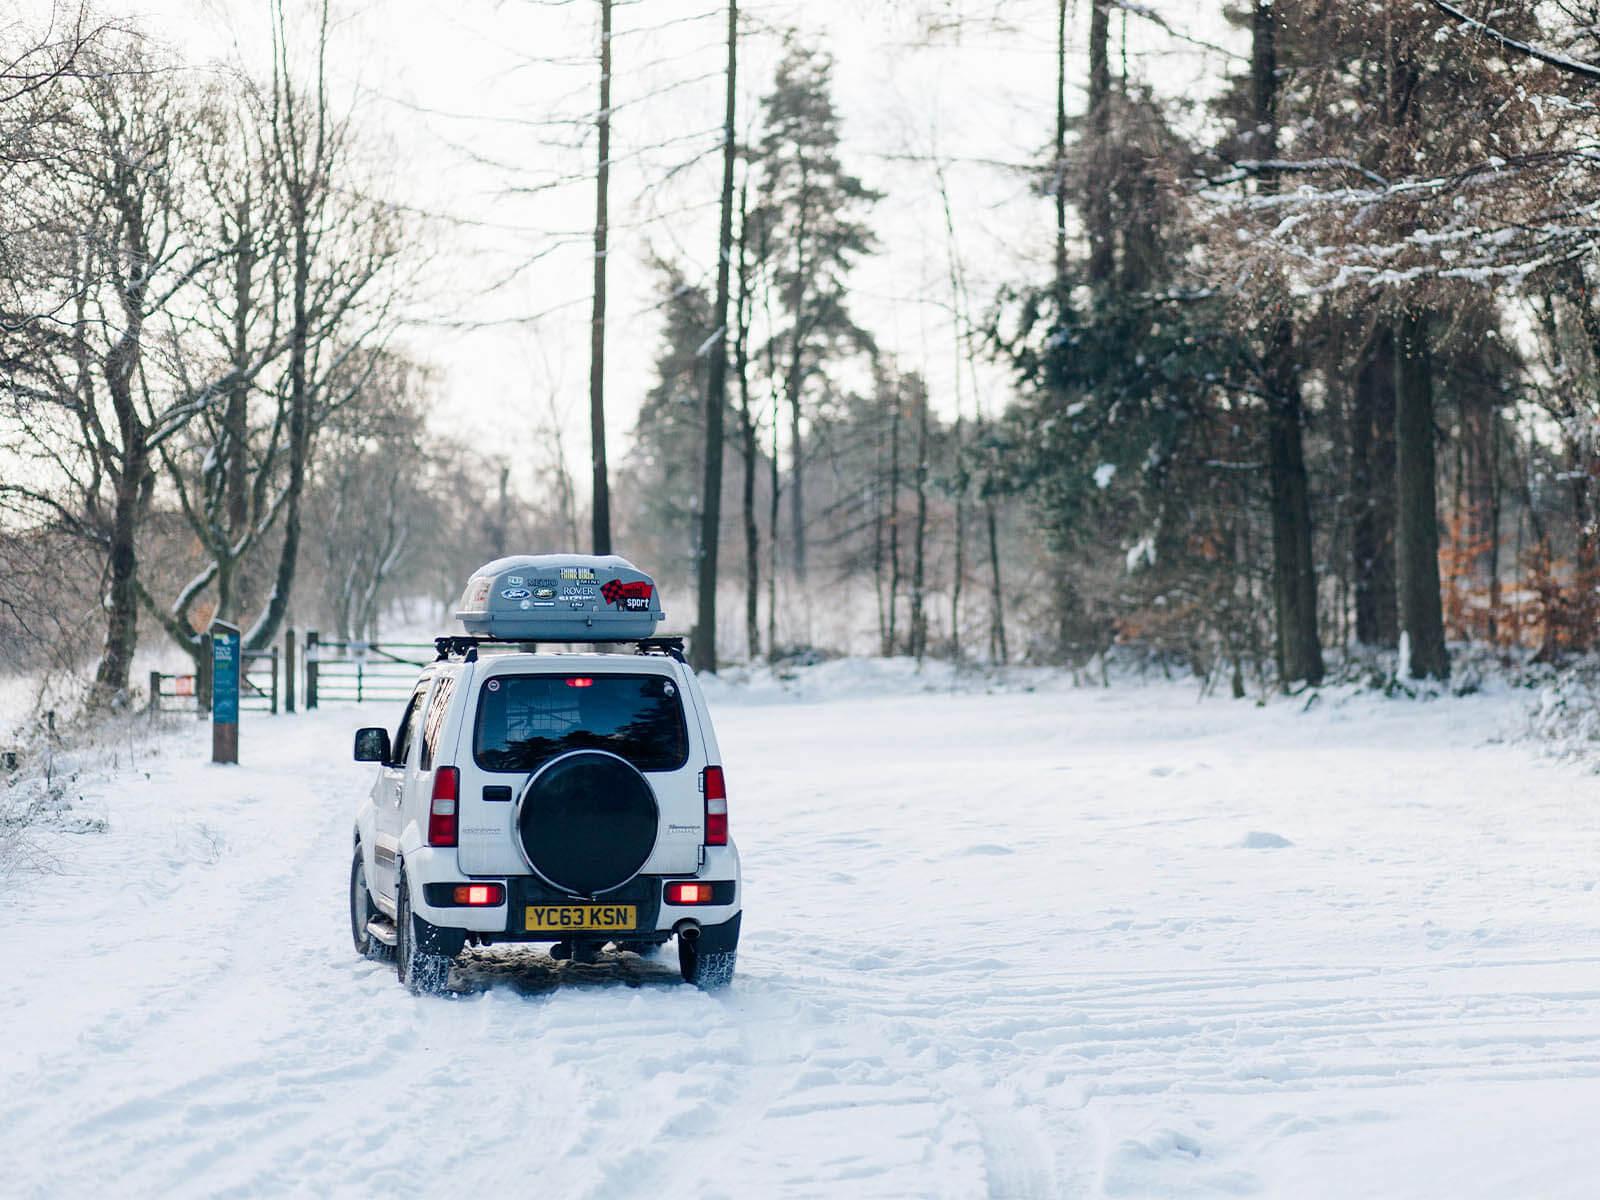 Opony zimowe - jakie wybrać?